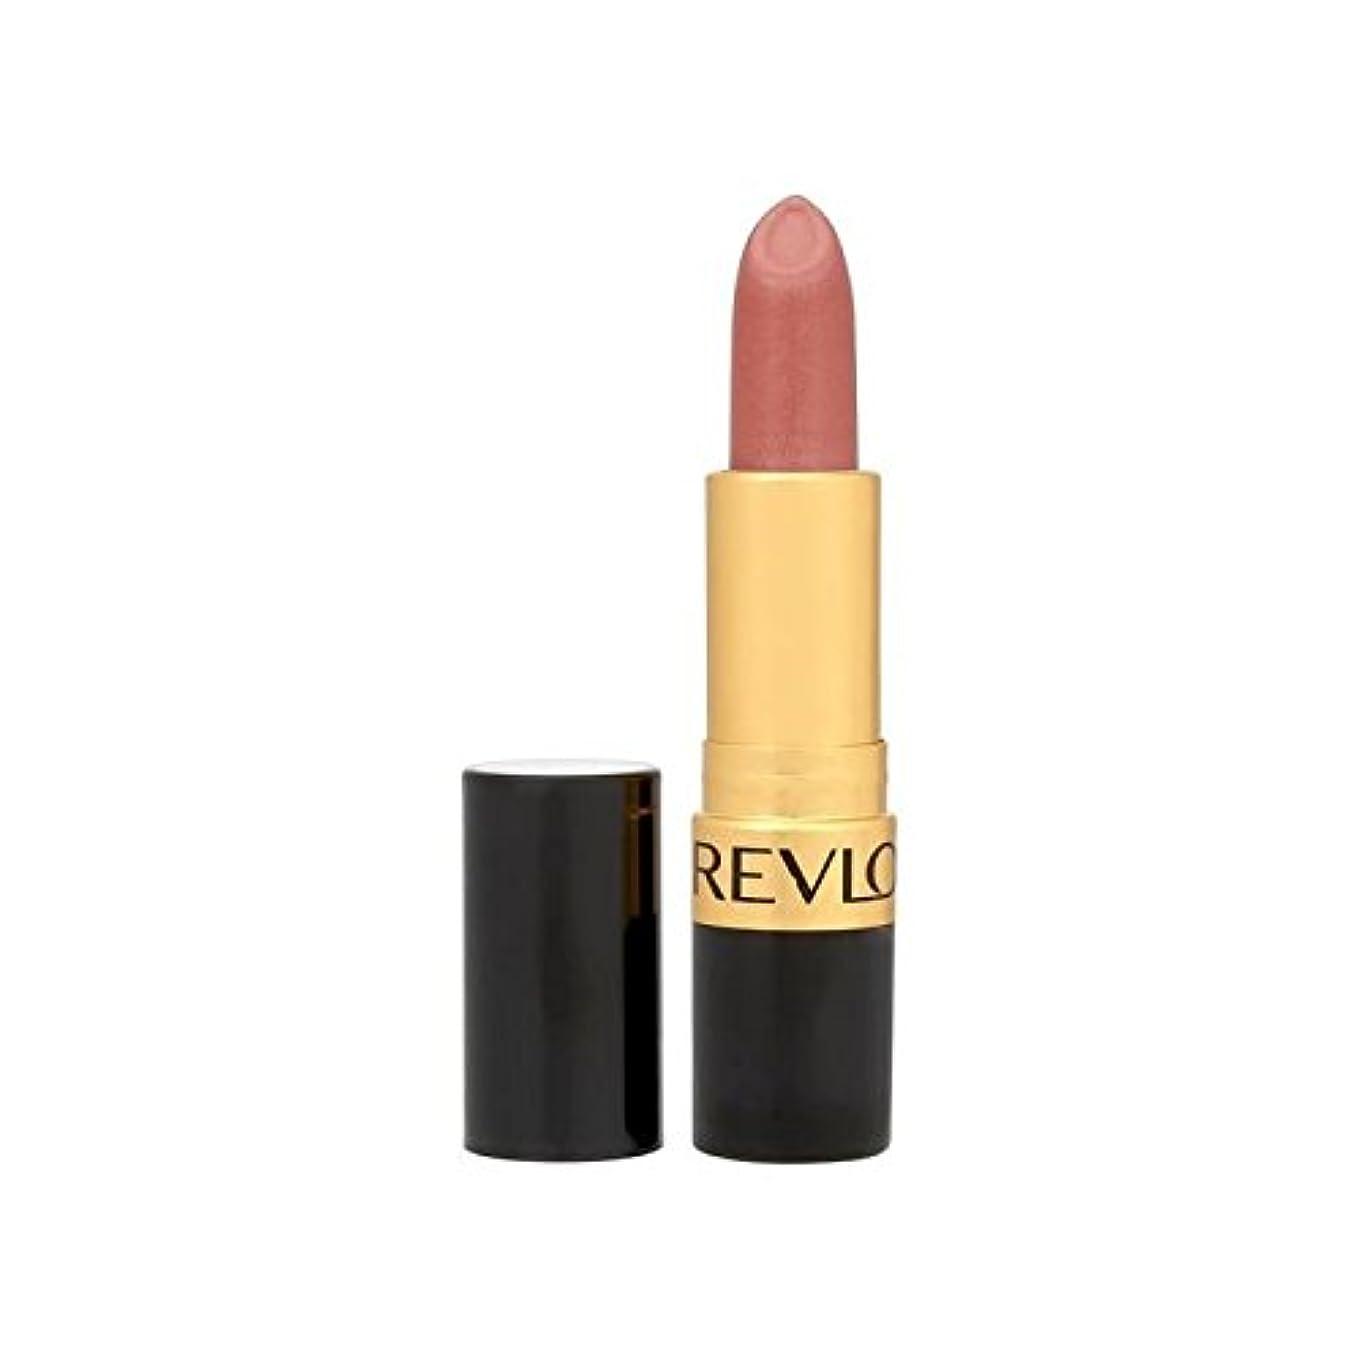 強い用心する言い直すレブロンスーパー光沢のある口紅は420を赤らめ x4 - Revlon Super Lustrous Lipstick Blushed 420 (Pack of 4) [並行輸入品]